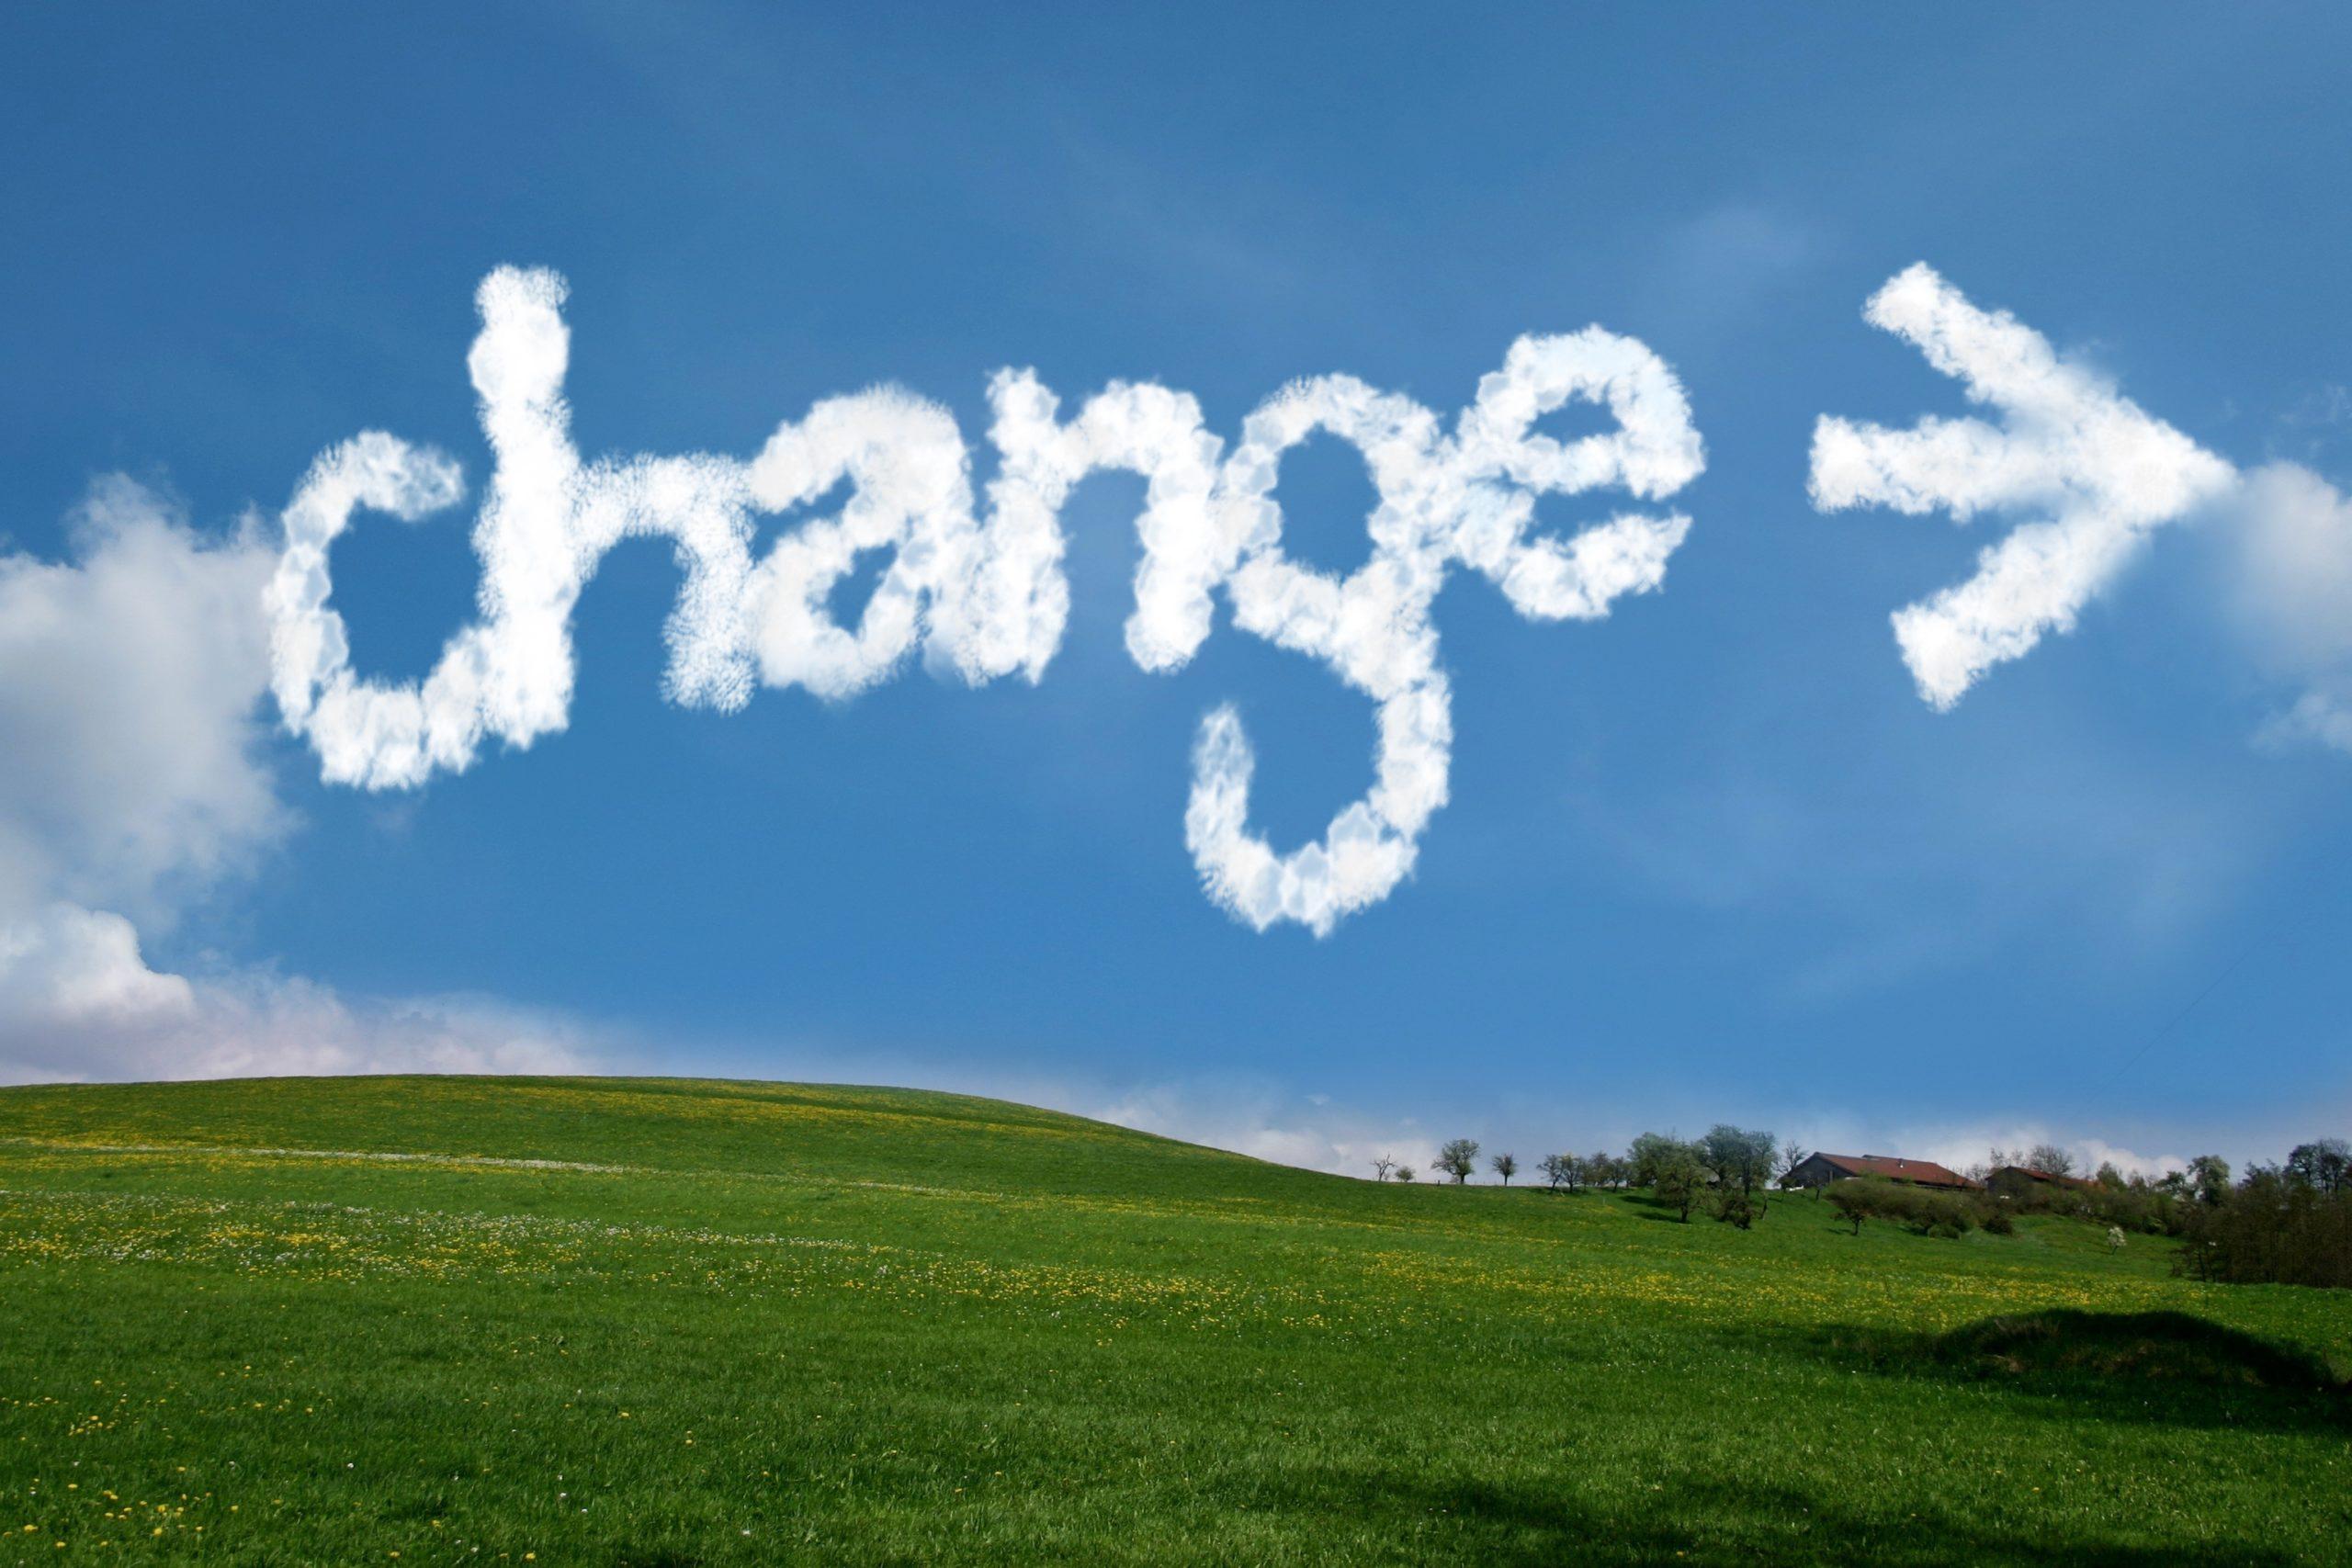 """Foto einer grünen Wiese mit einem Horizont mit blauem Himmel und weißen Wölkchen und dem Text """"change"""" in weißem Wölkchenformat als Symbol für die positive Veränderung, die wir gemeinsam anstreben: Raus aus der Sackgasse der Midlife-Crisis, Mid-Career-Crisis oder Leistungsblockaden"""